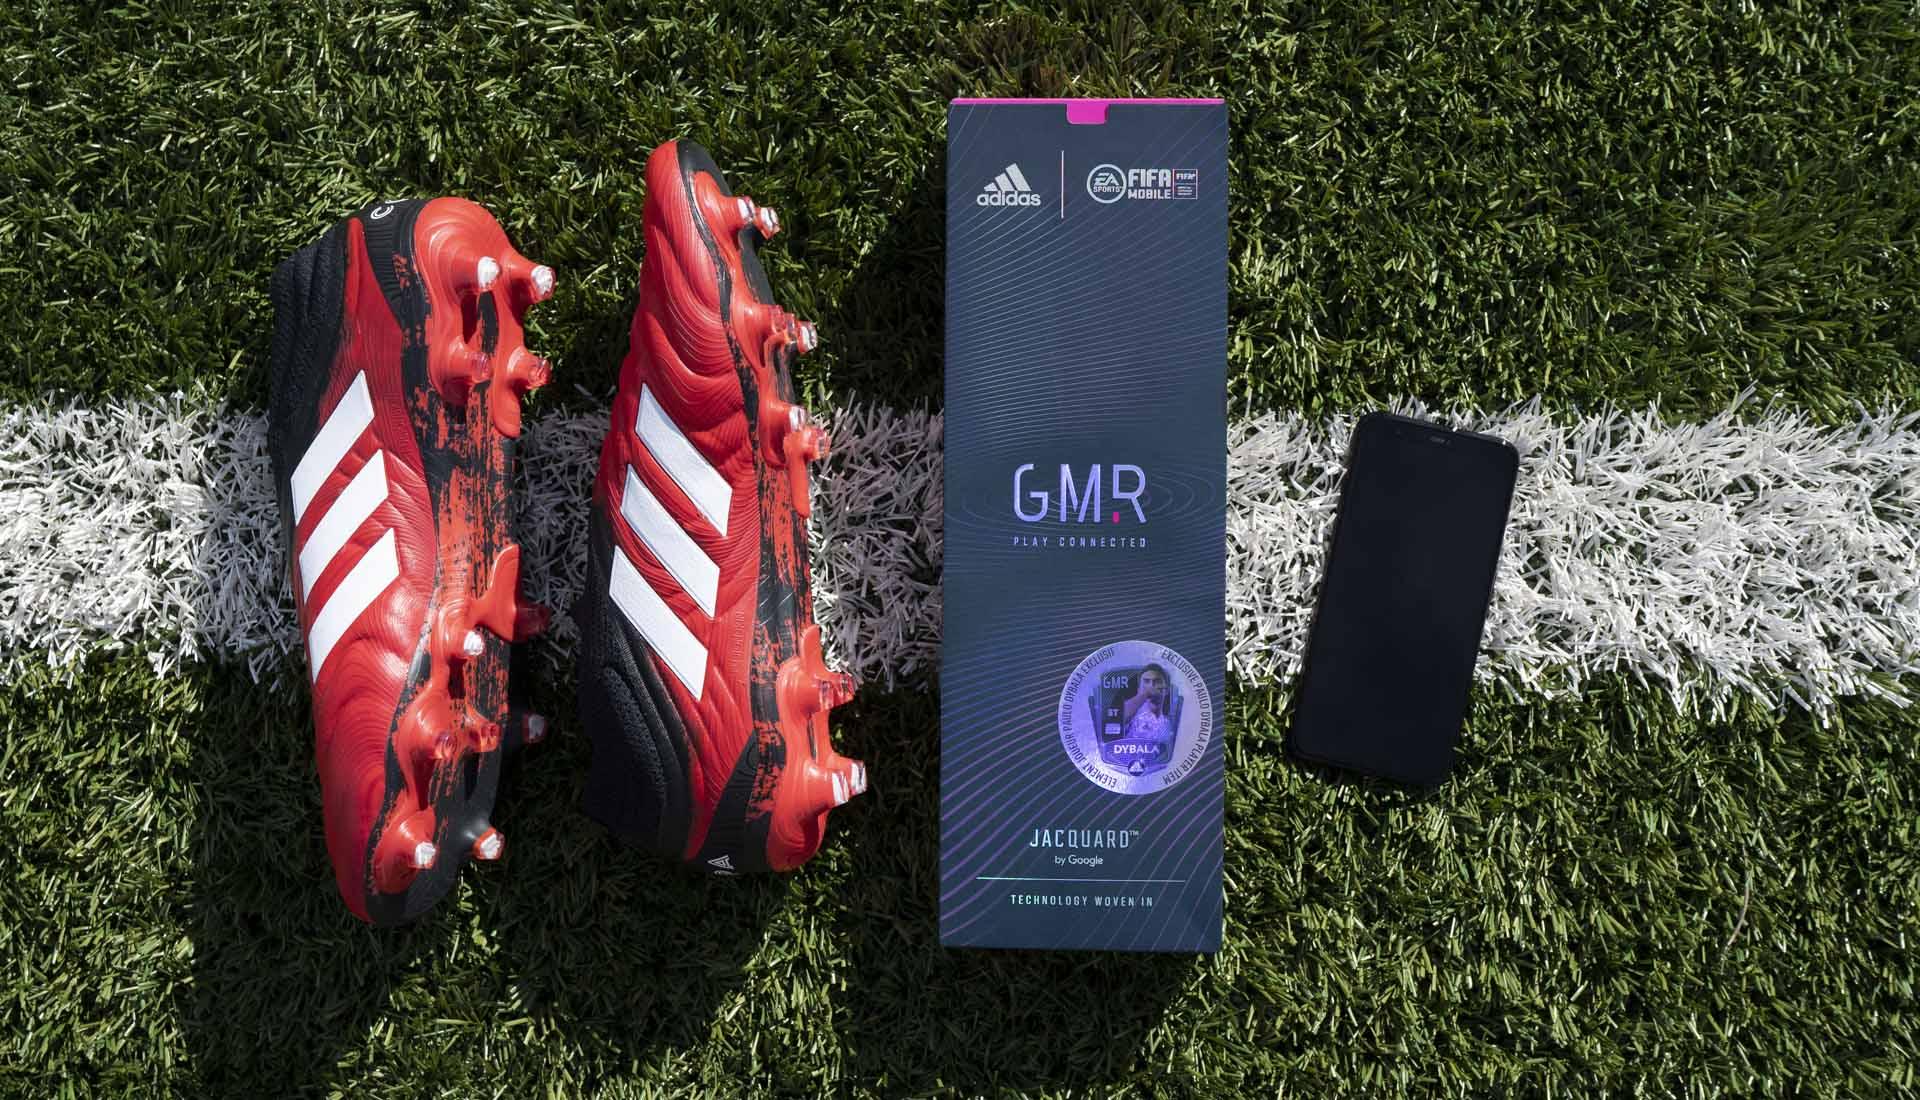 Giày bóng đá gắn chip Adidas và theo dõi số liệu qua điện thoại thông minh